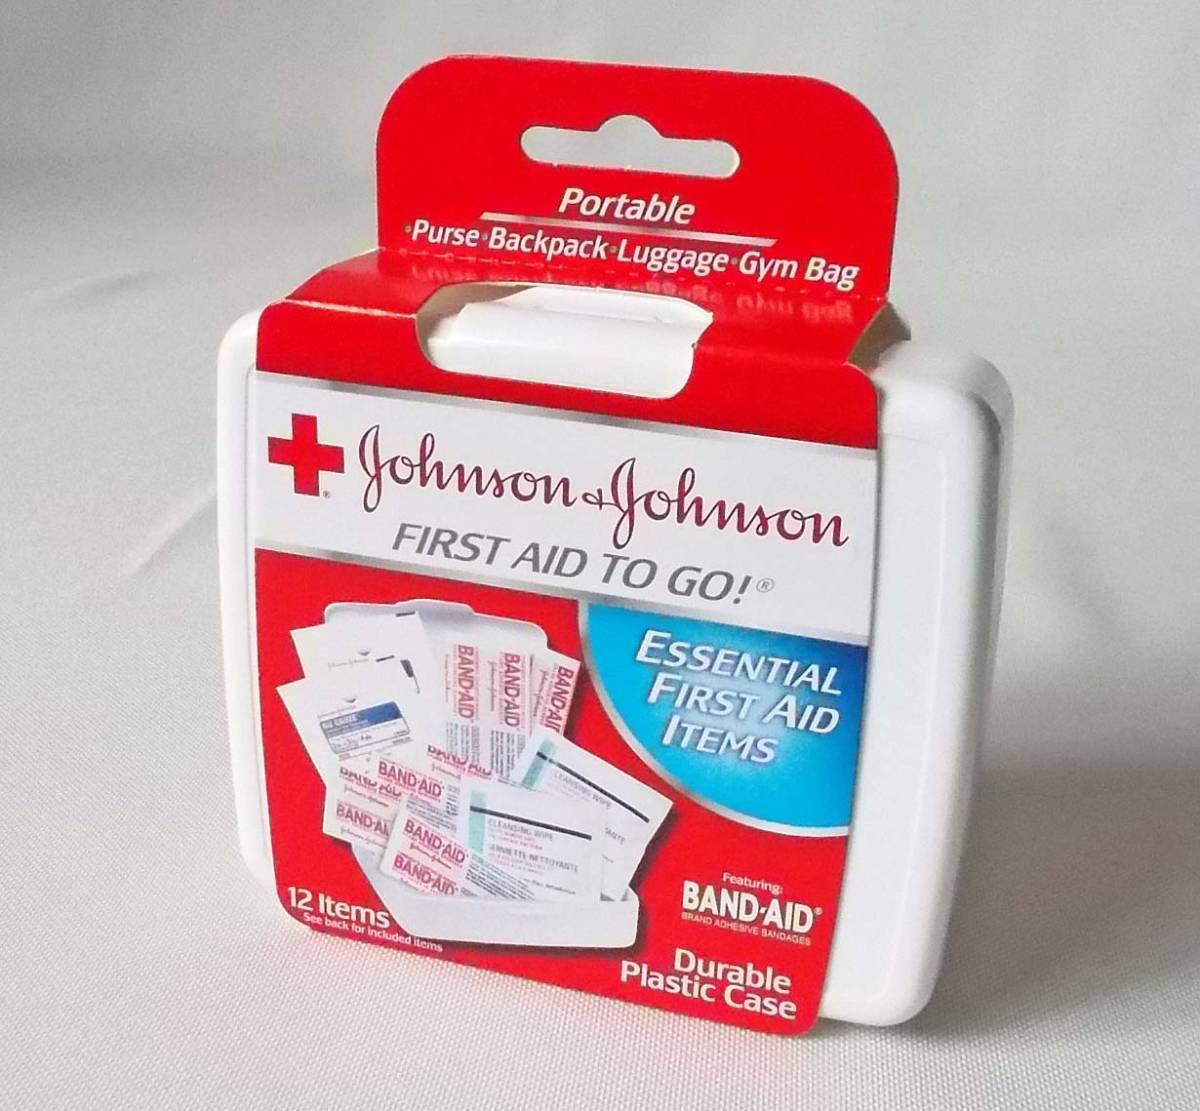 ジョンソン&ジョンソン バンドエイド ファーストエイド 携帯救急セット 災害/キャンプ/旅行/ドライブ 送料無料